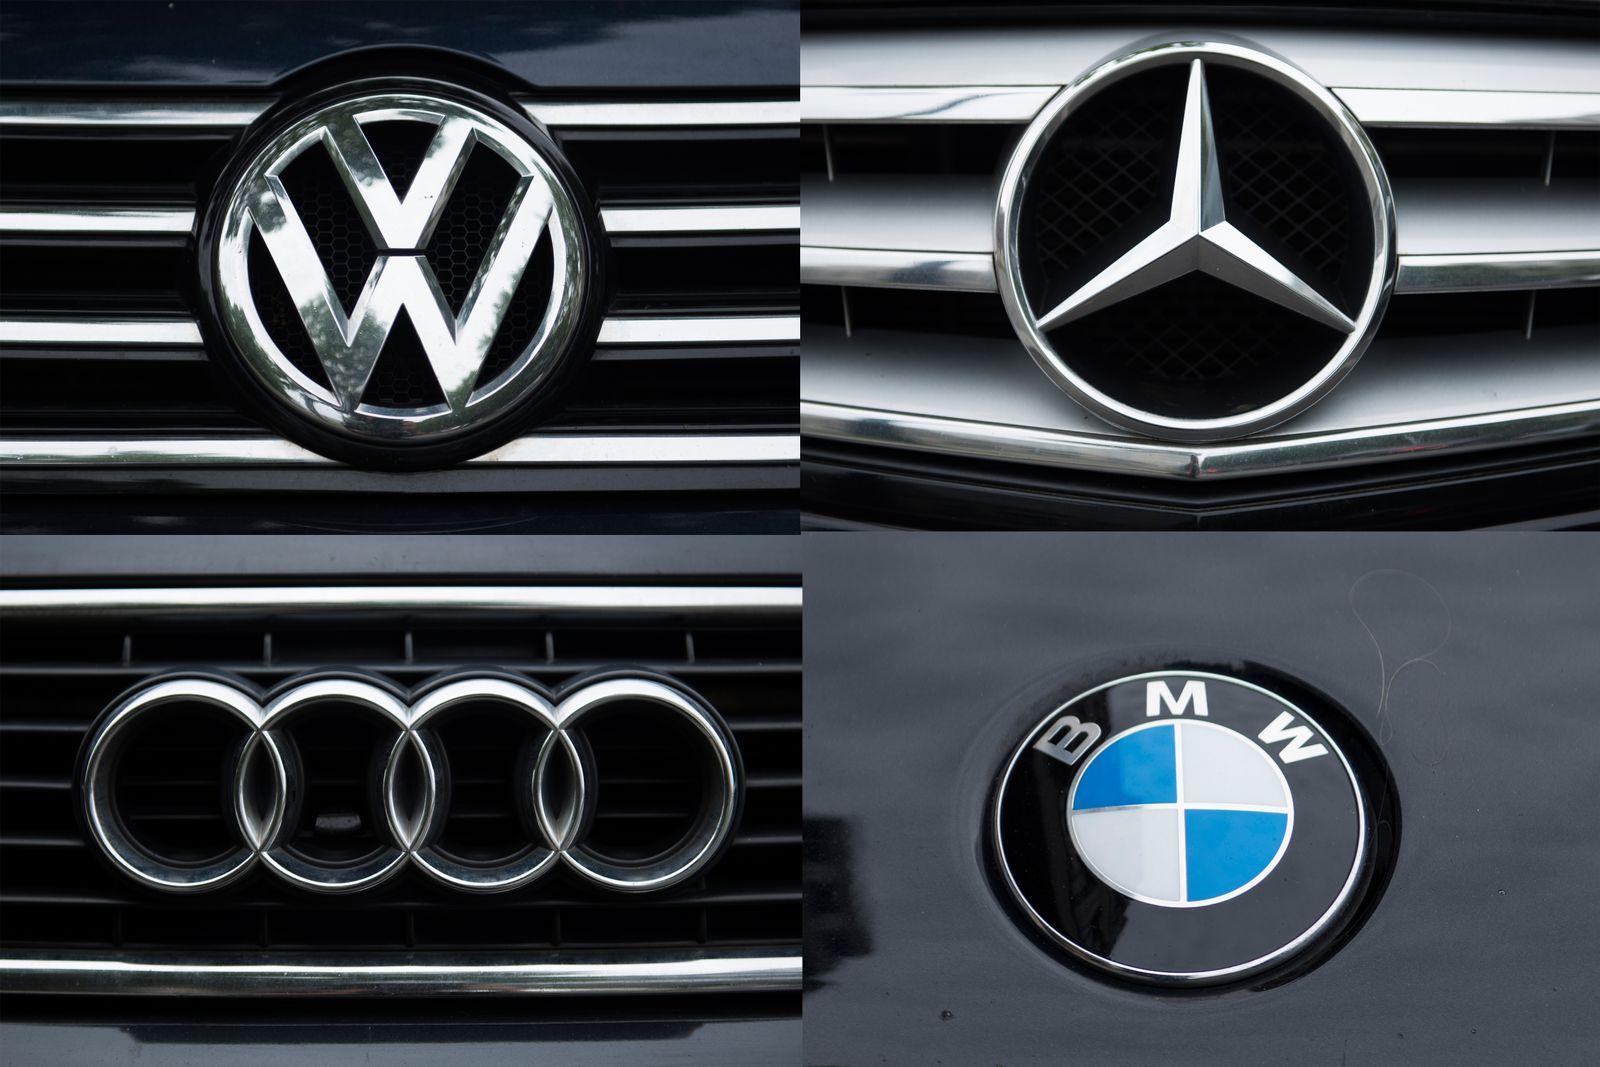 Automarken Logos Kombo